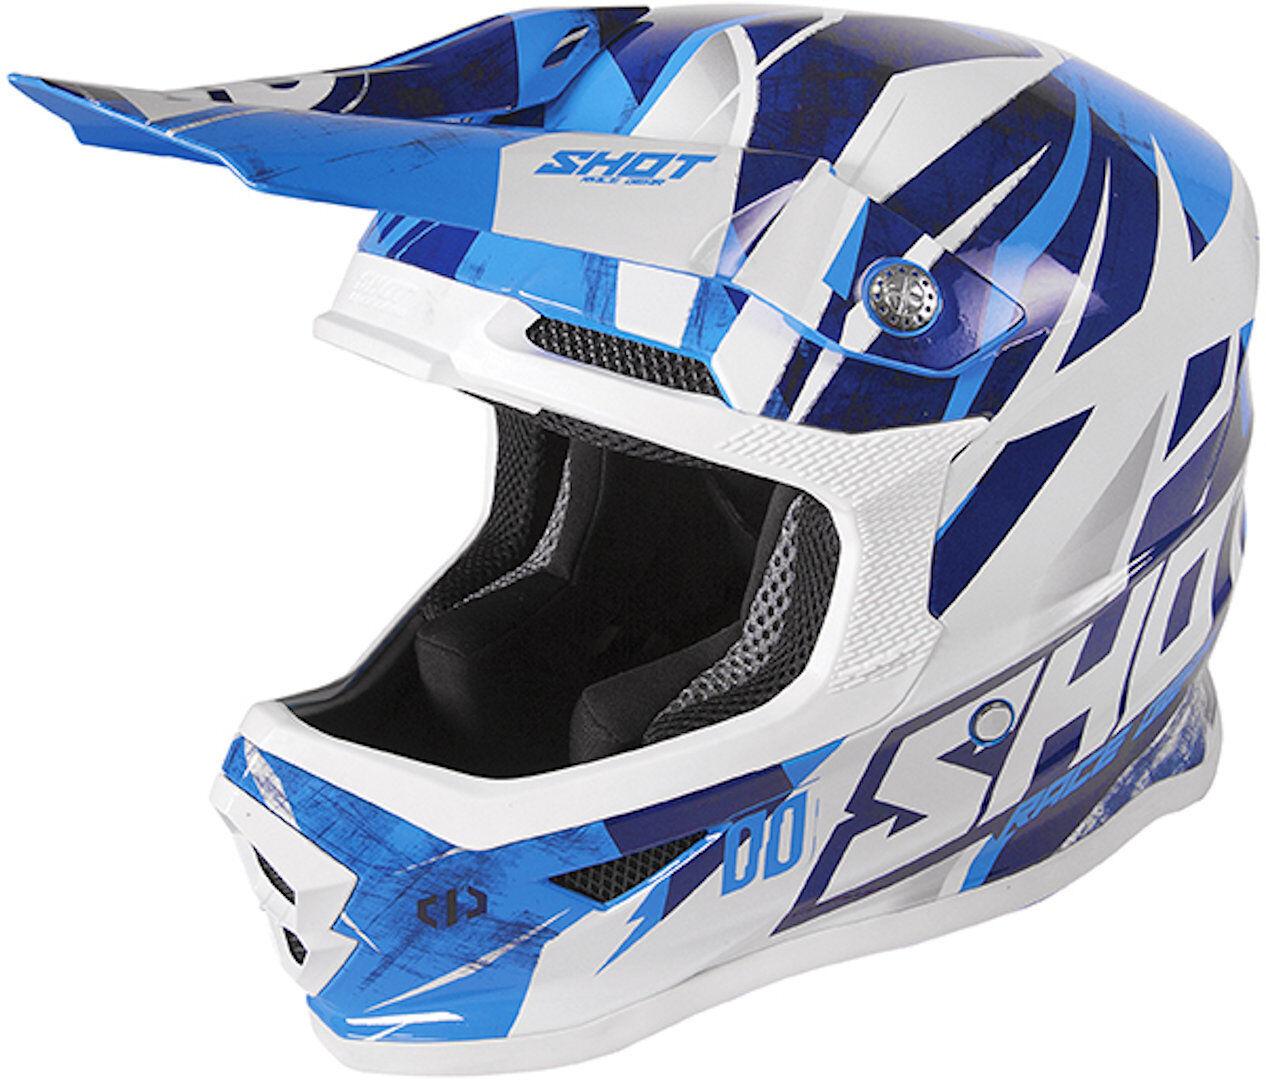 Shot Furious Ventury Casco Motocross per bambini Bianco Turchese Blu M